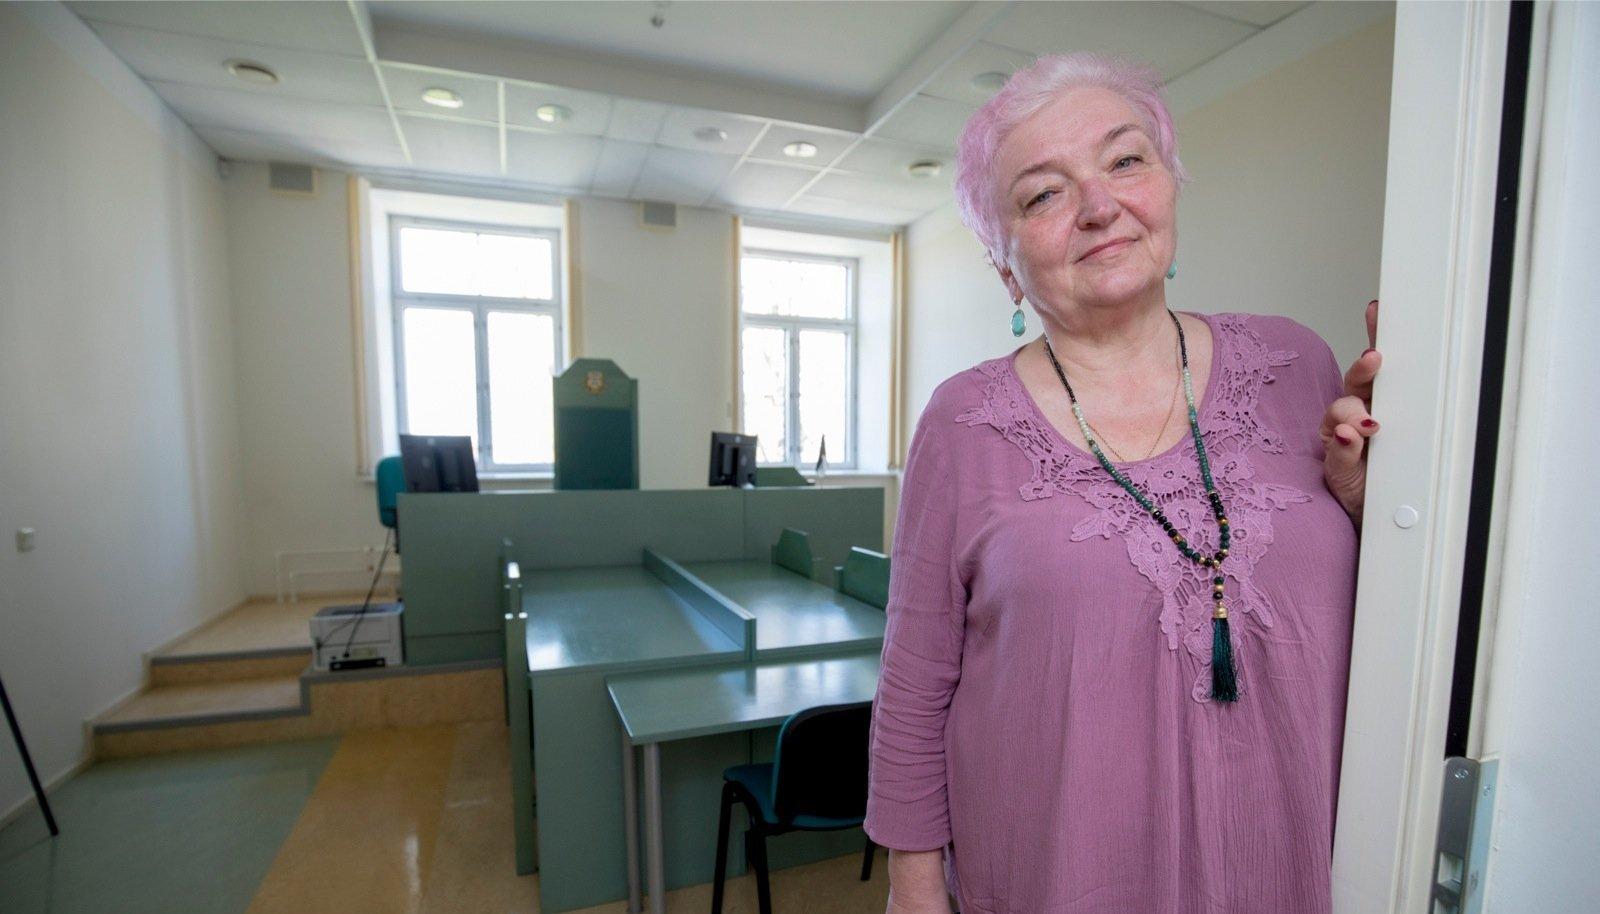 Kohtunik Sirje Õunpuu nentis kohtuotsuses, et vanematevaheline vaidlus on lapsi tõsiselt kahjustanud.